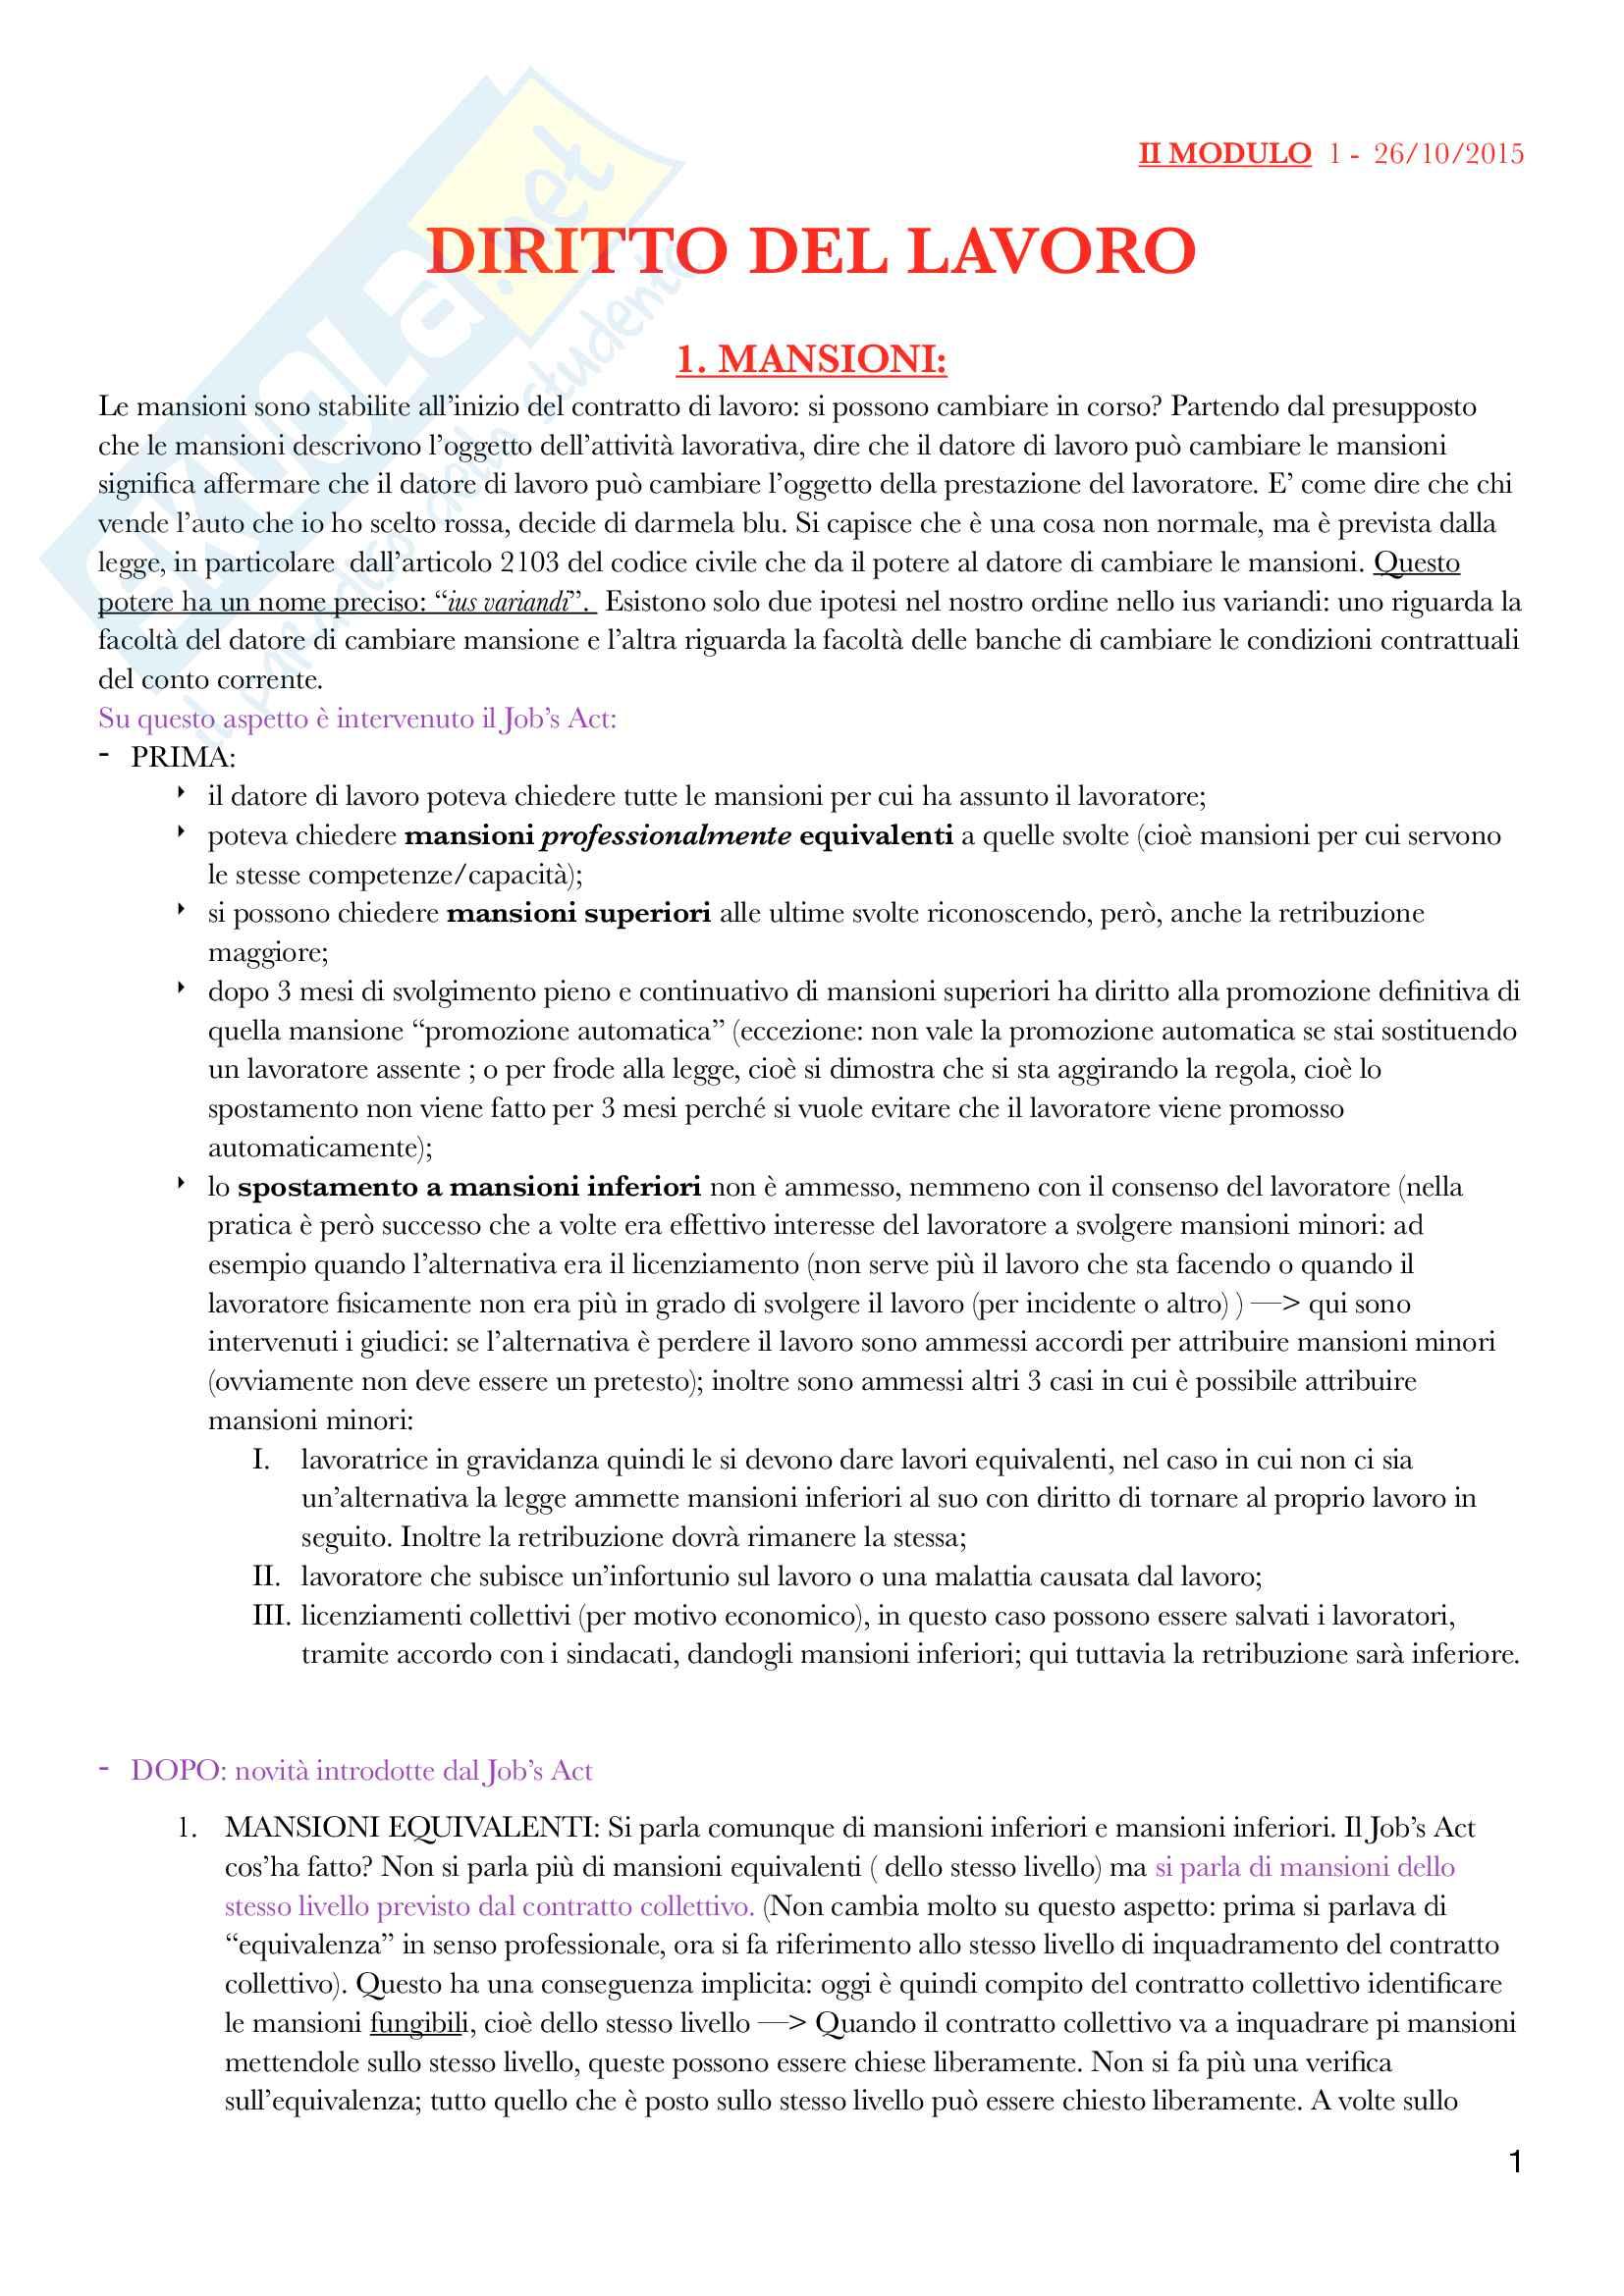 Diritto del lavoro - II Modulo Prof. Emanuele Menegatti. Appunti presi a lezione.